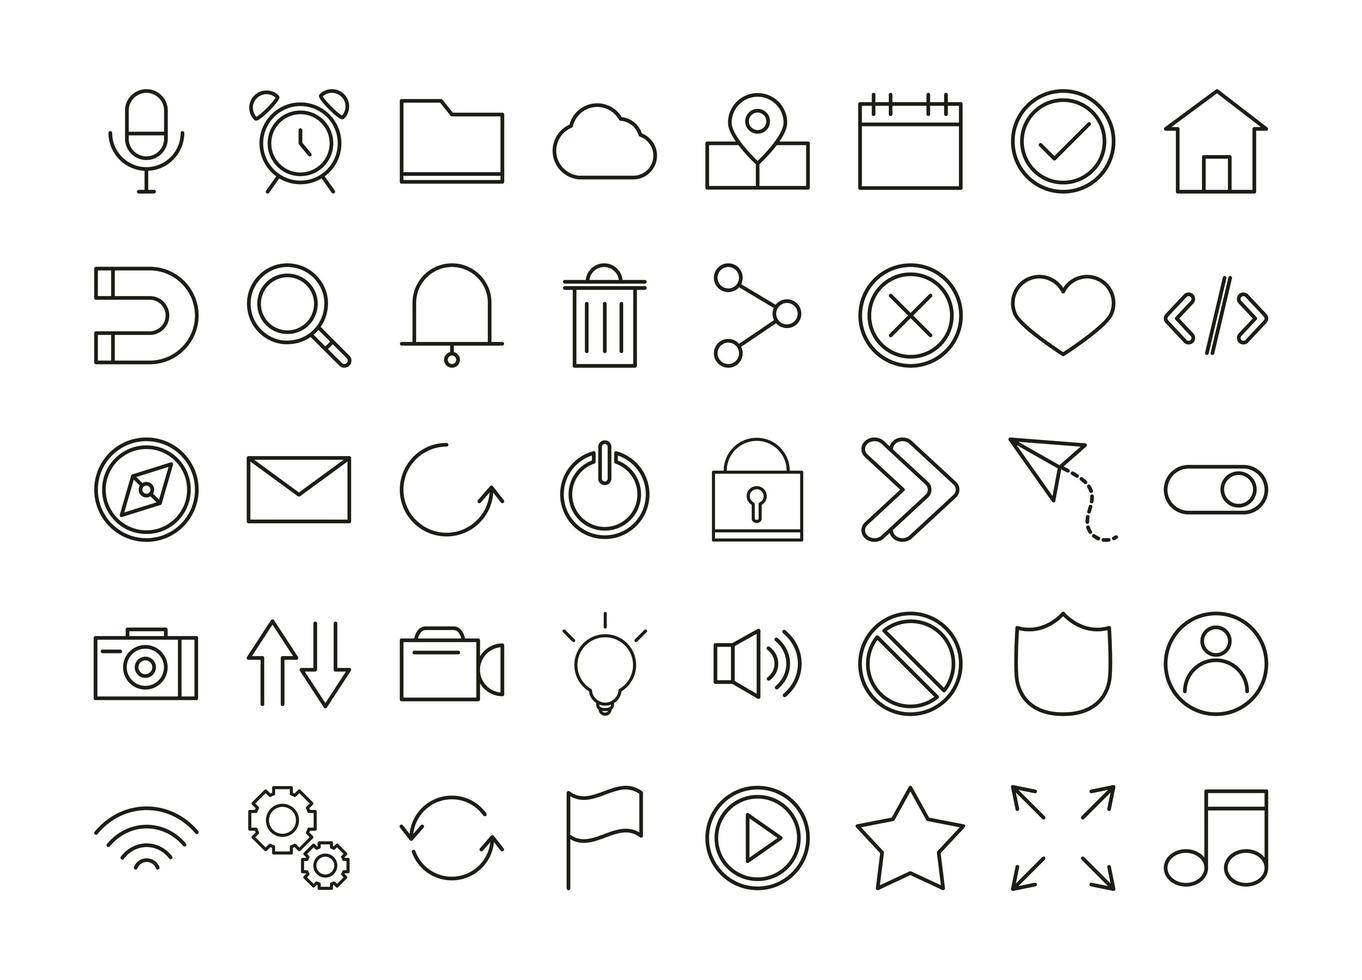 gebruikersinterface icon set vector